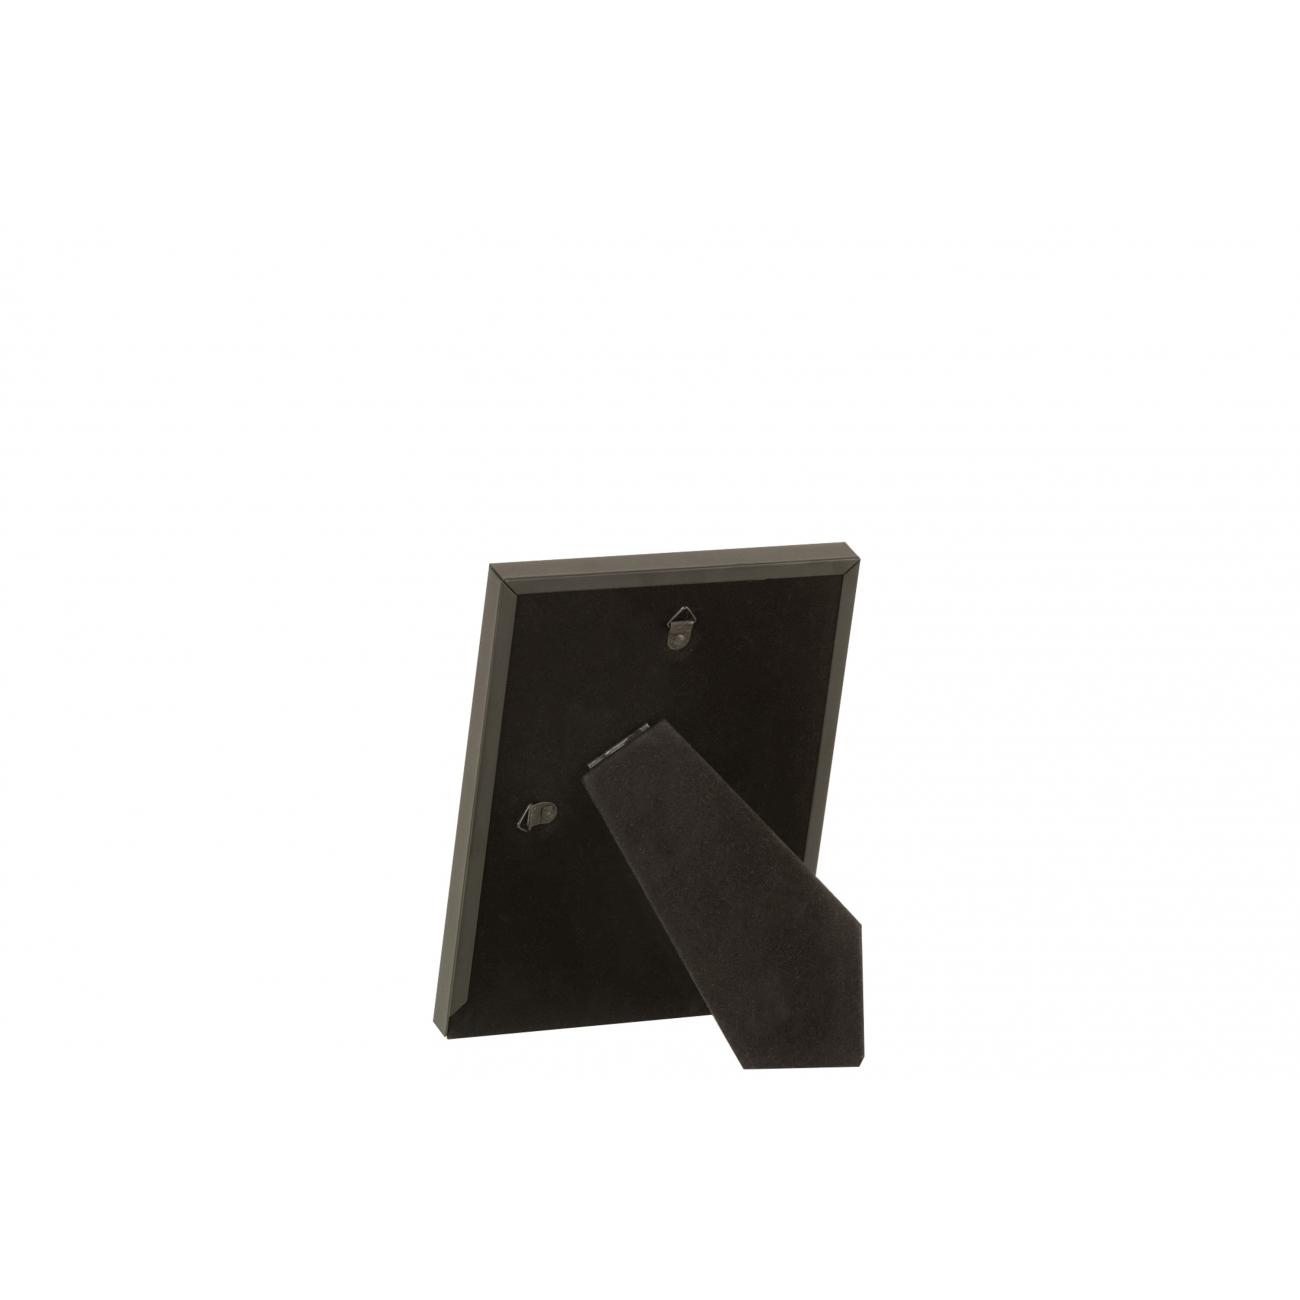 Фоторамка J-LINE металлическая матовая в черном цвете 10x15 см Бельгия